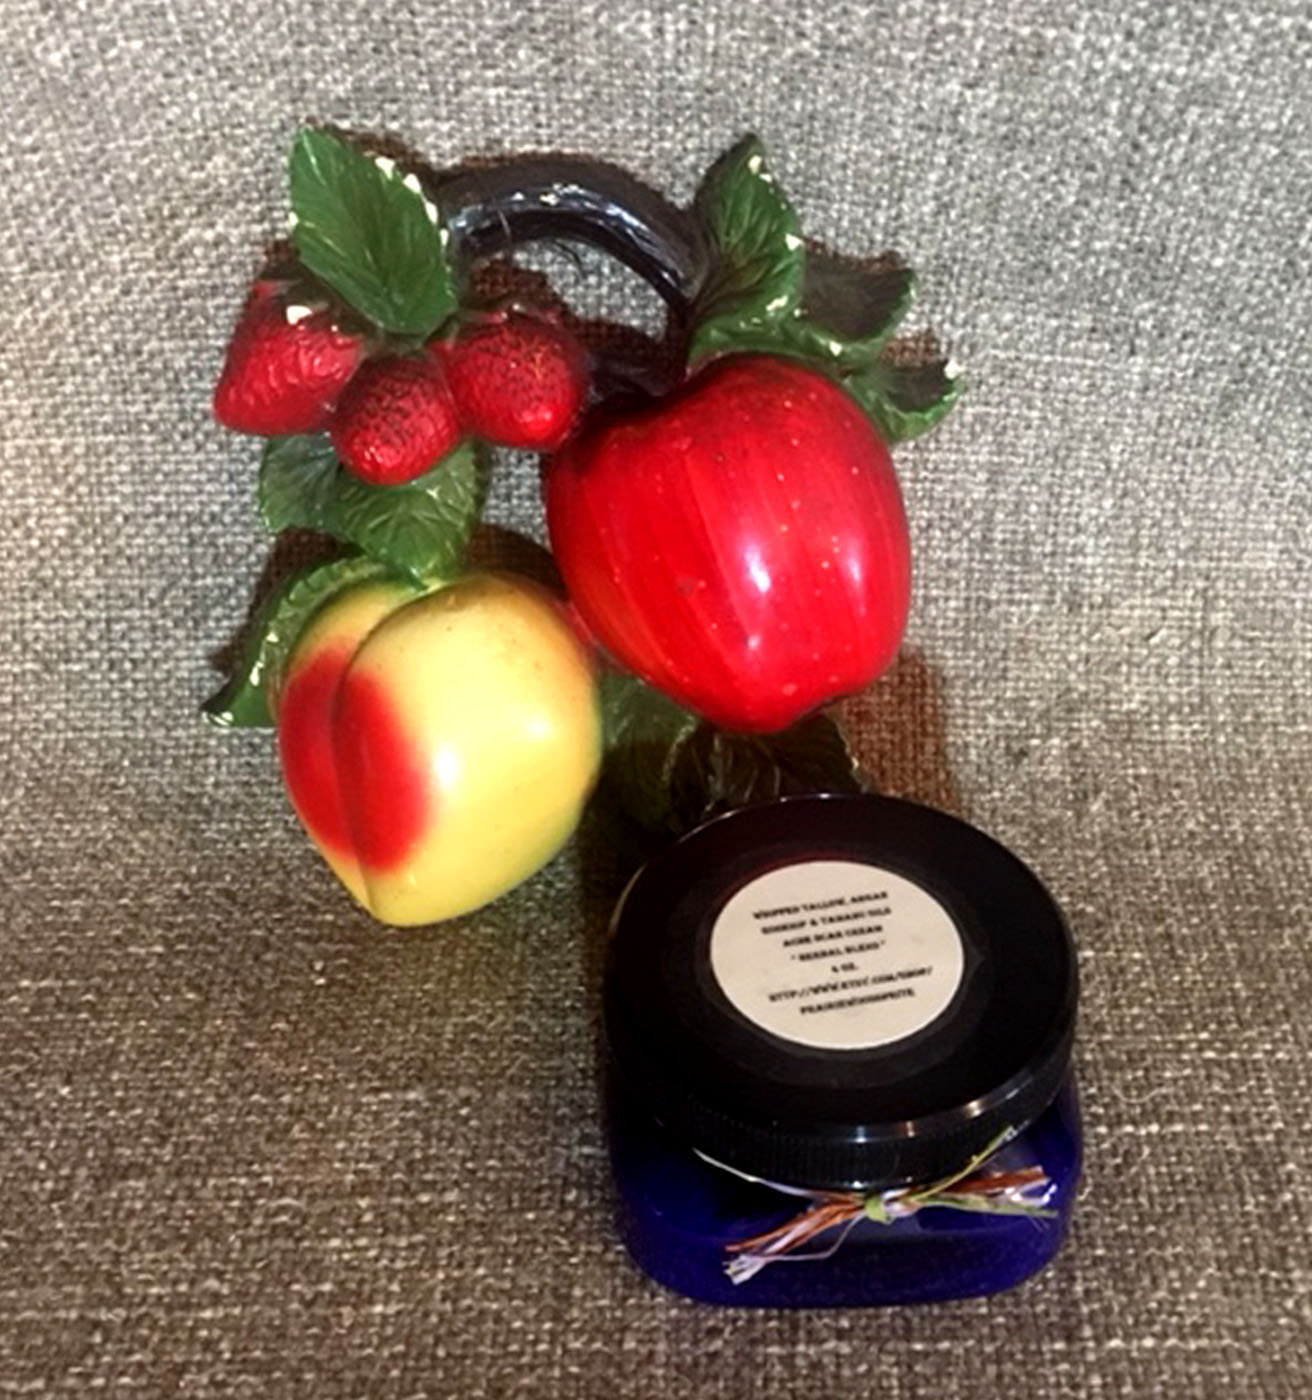 Jake's Blend Buffalo & Mutton Tallow Cream - Workman's Healing Hands Blend 4oz - image 3